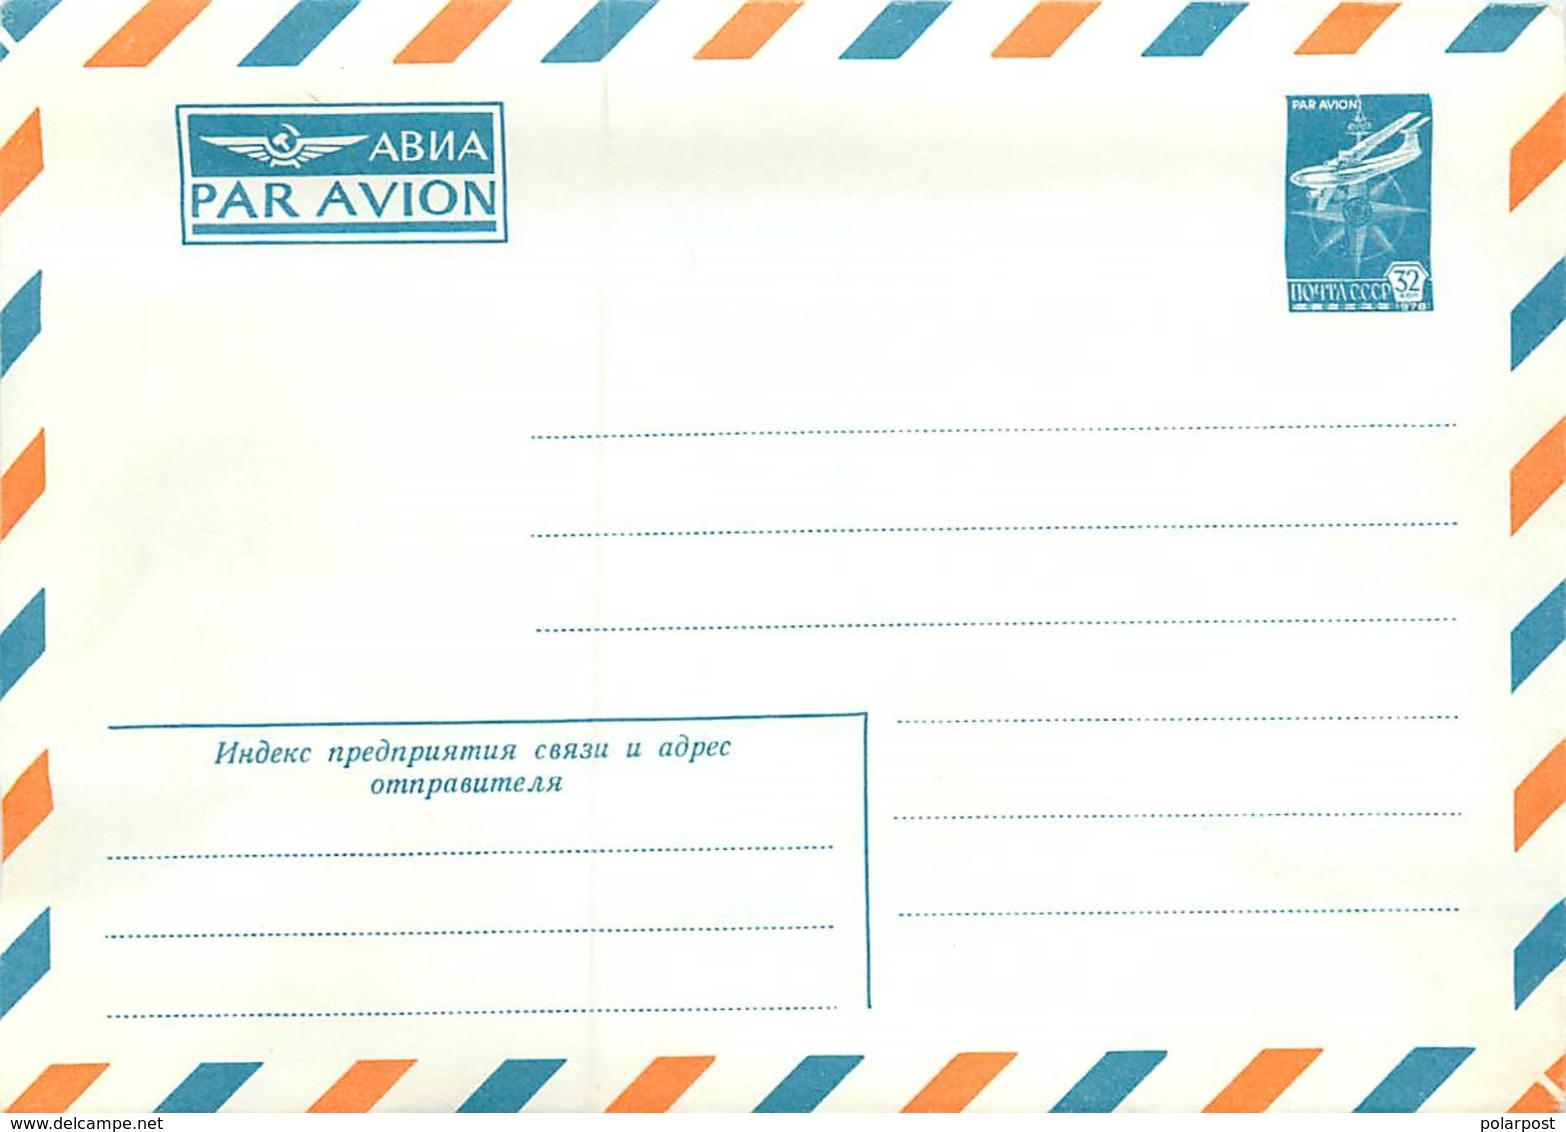 USSR 1980 AVIA PAR AVI ON IL-76 Aircraft - Polar Flights